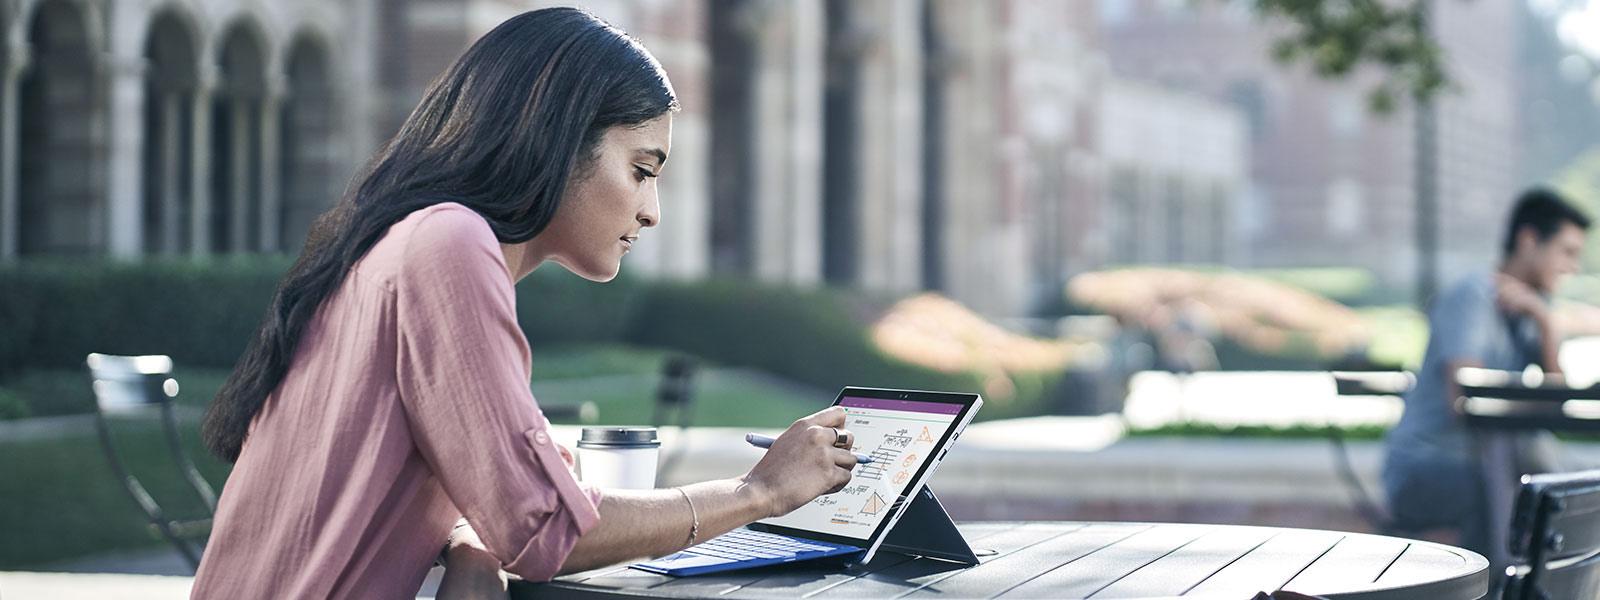 Kvinne som zoomer med kniping i Surface Studio med penn og berøring.